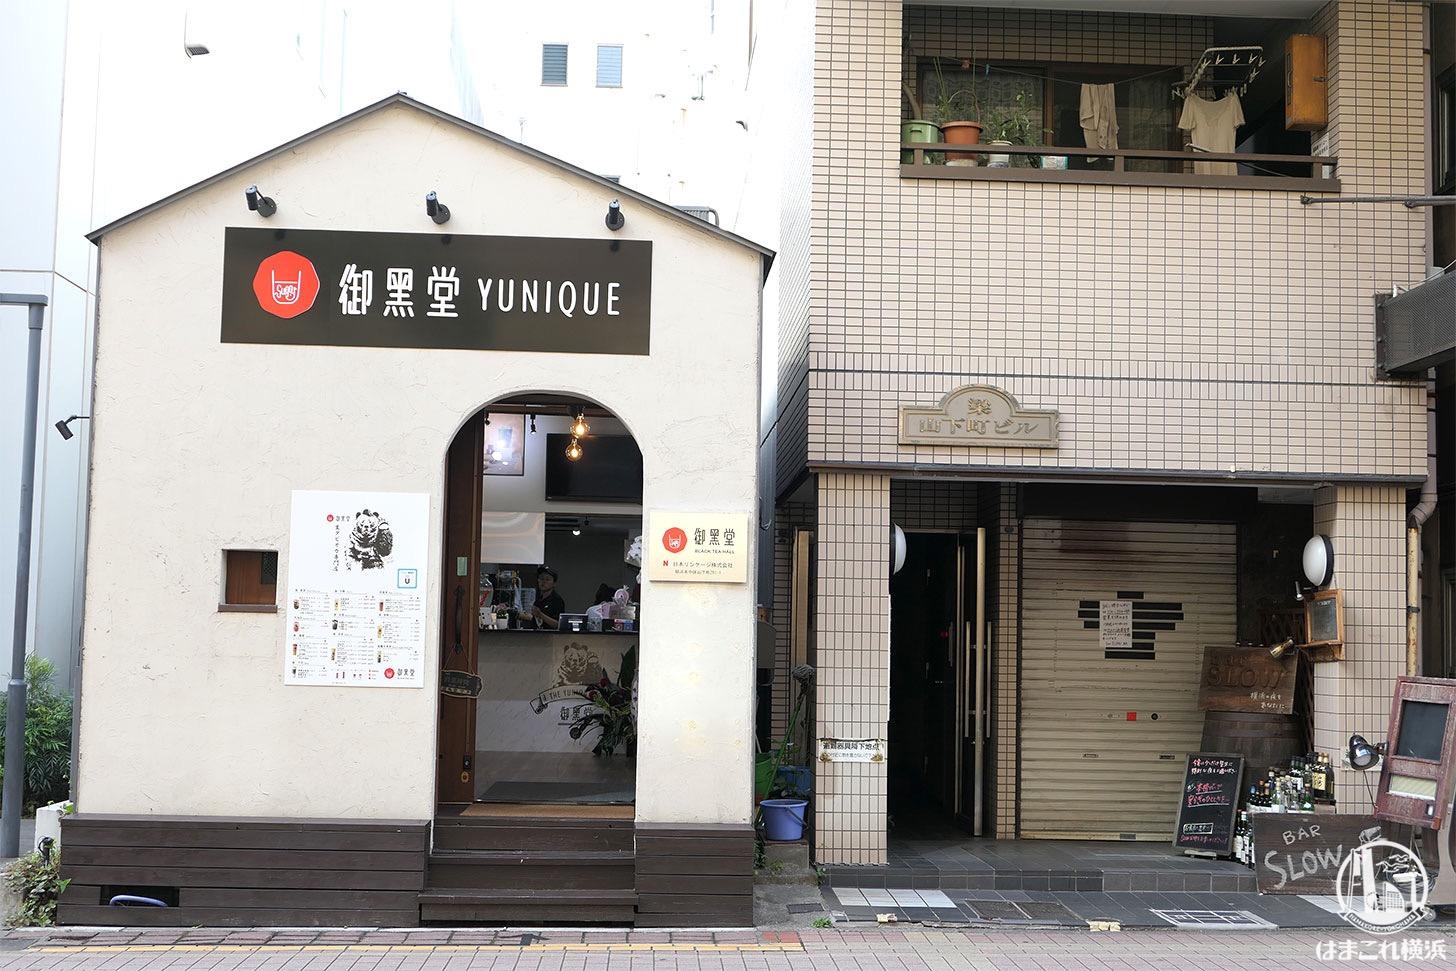 御黒堂(ごこくどう)横浜中華街